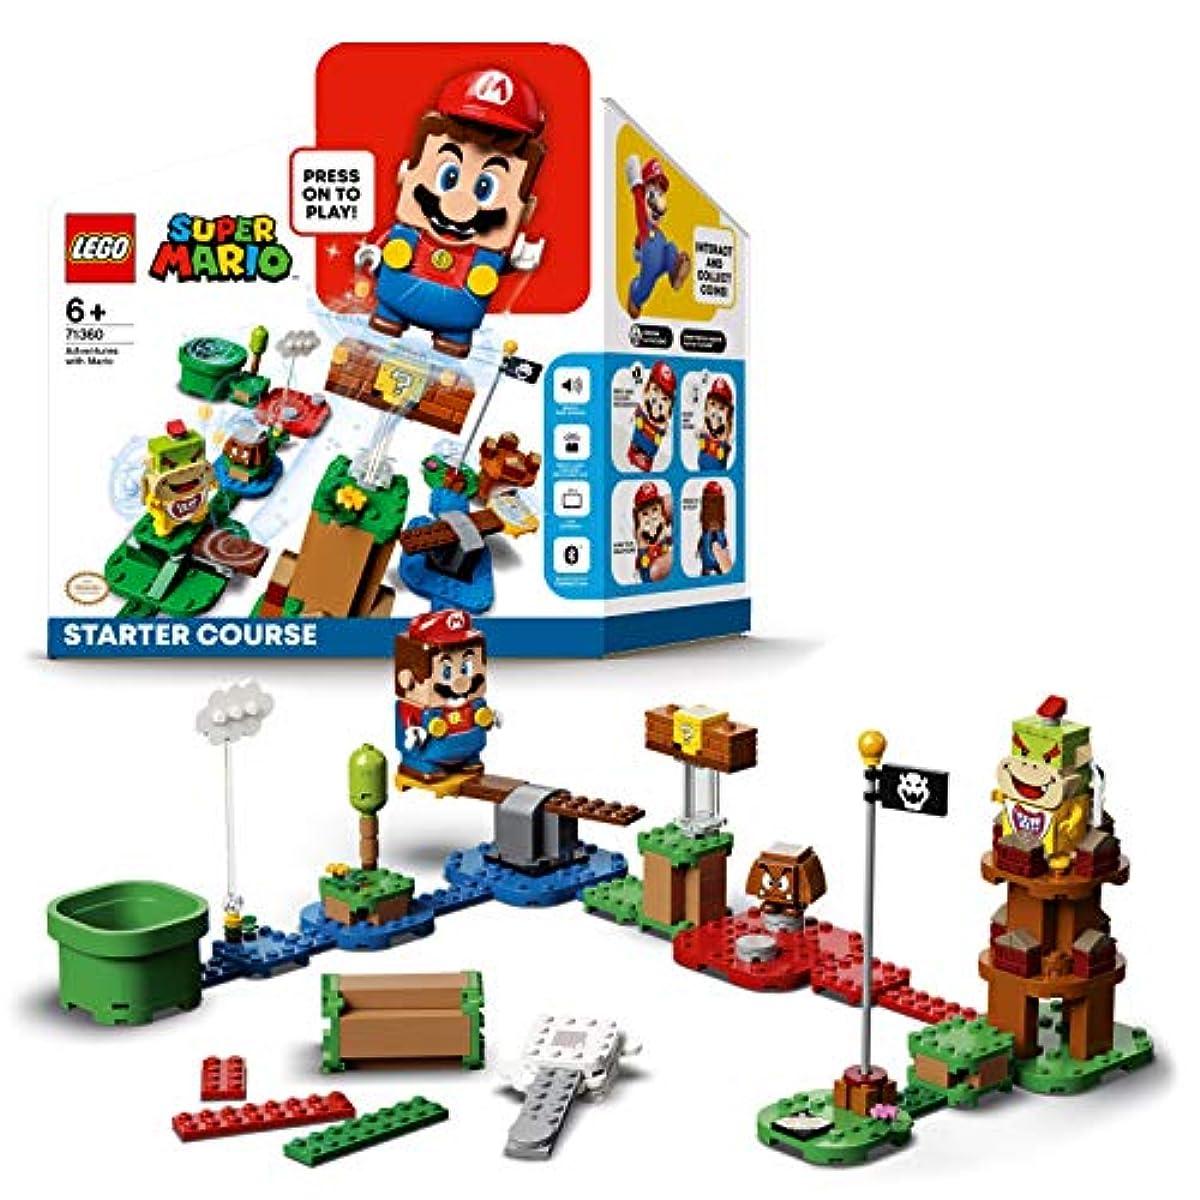 [해외] [7/30일 입하] 레고 LEGO 슈퍼 마리오 레고 모험의 시작 71360